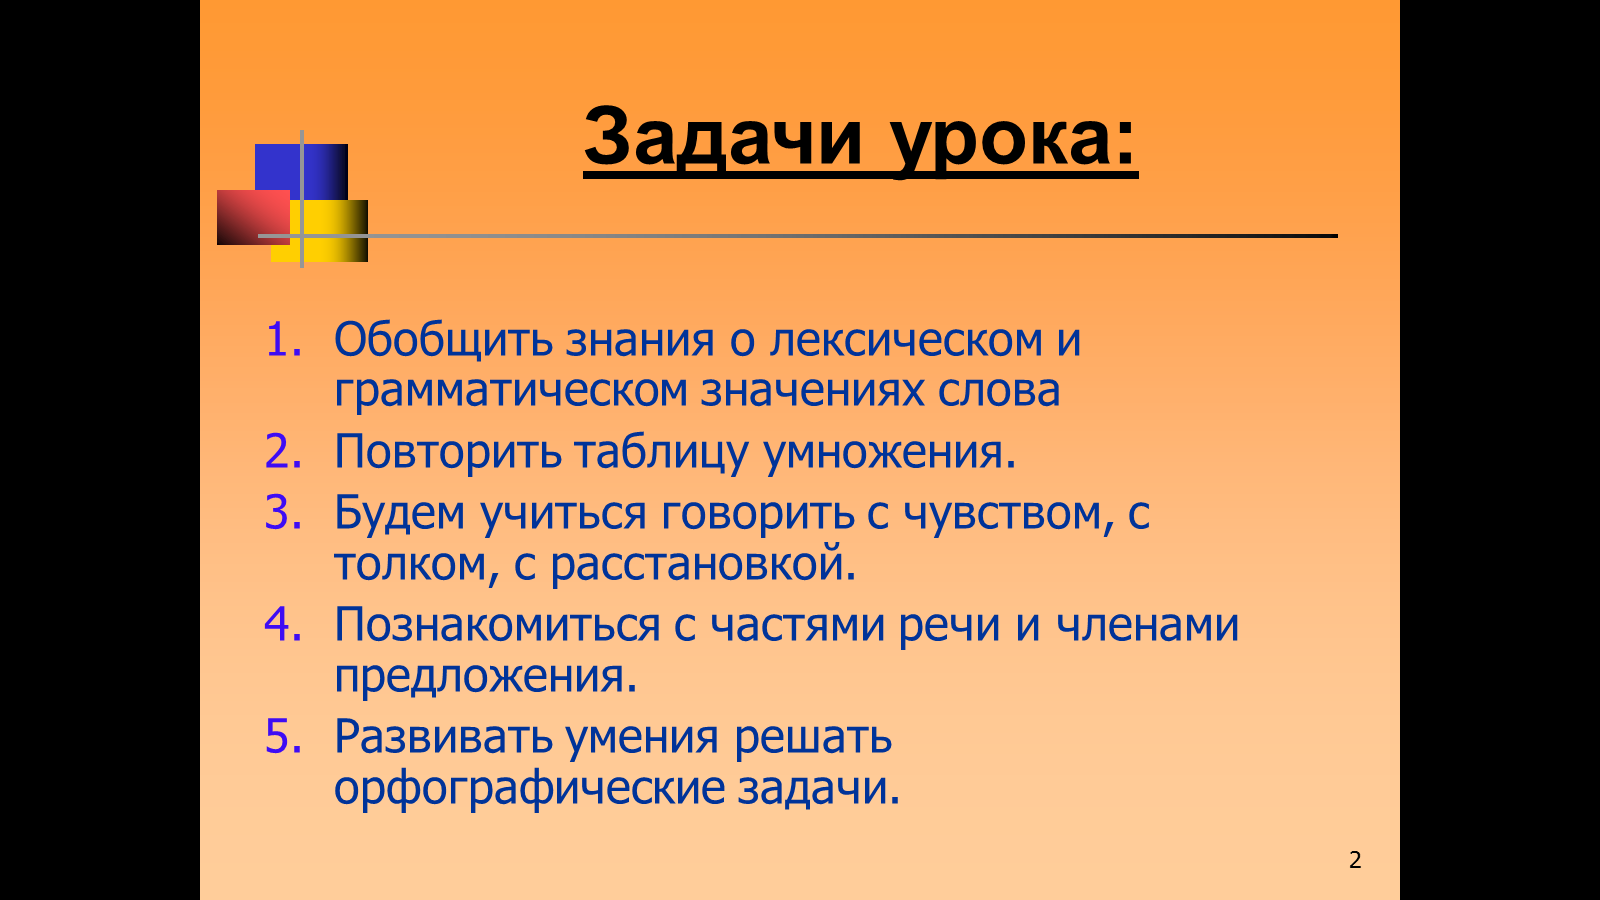 Русский язык з класс гармония повторение бесплатно